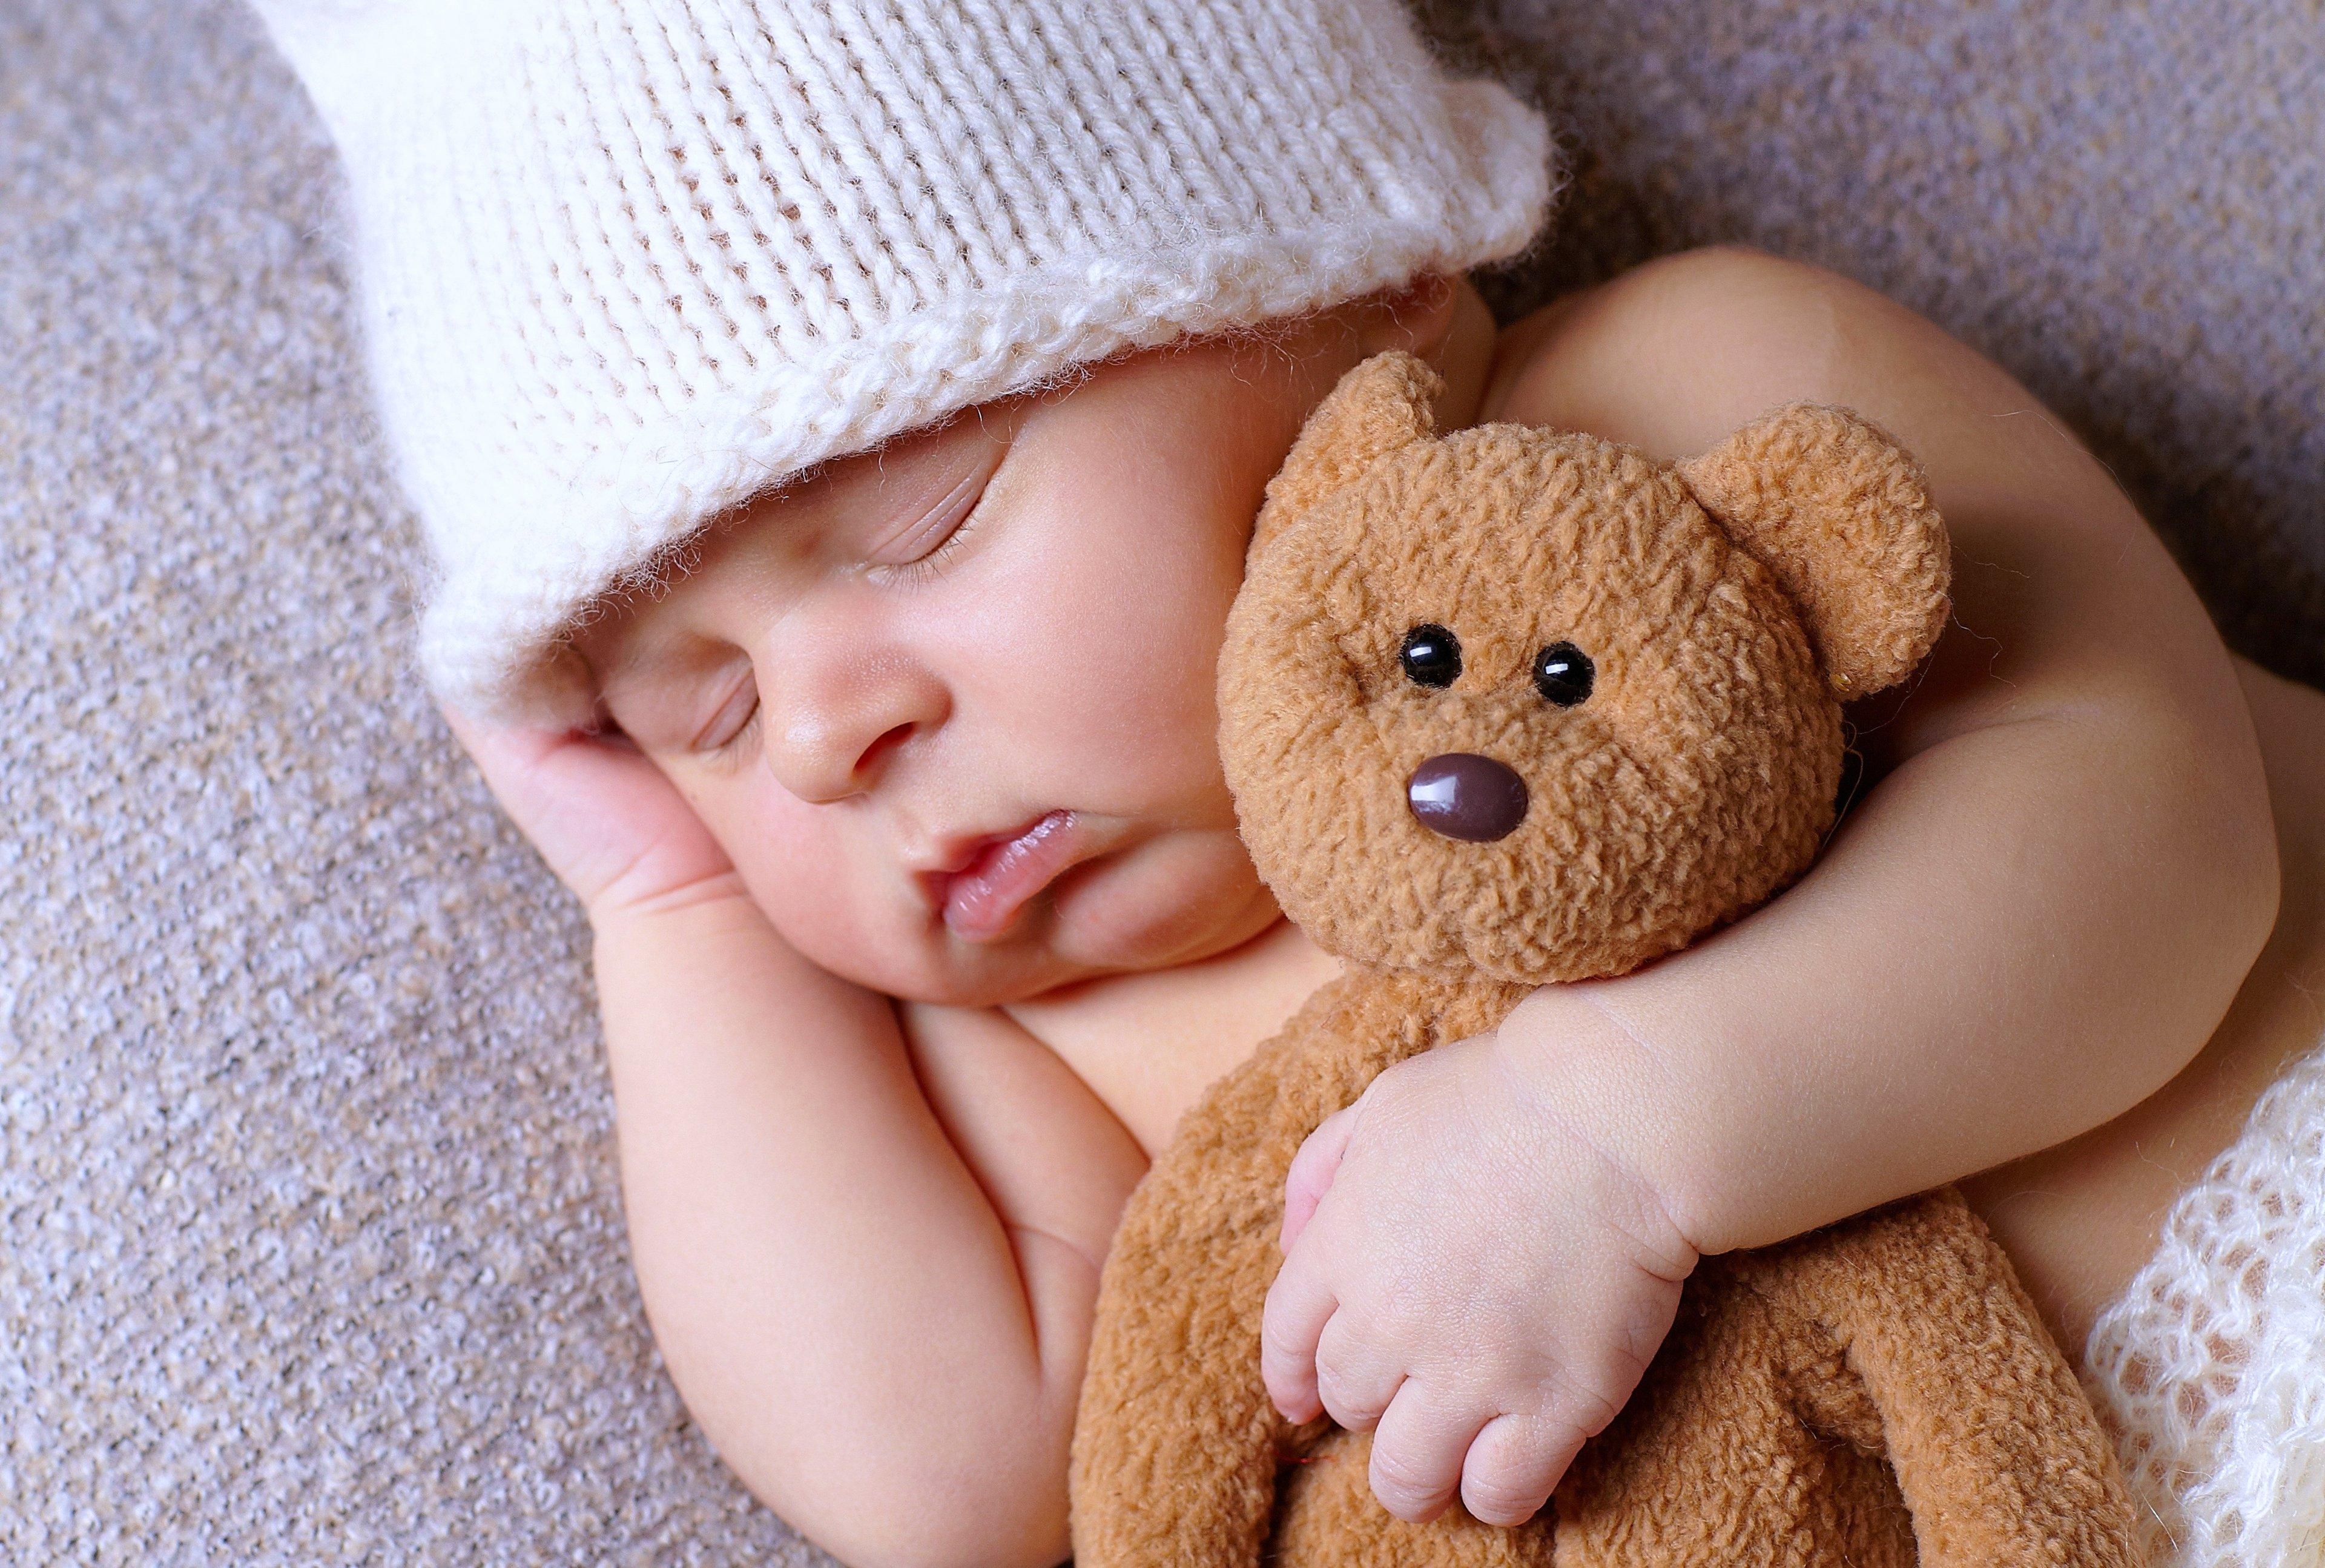 Sleeping Teddy Bear Wallpaper Joy Happy Sleep Teddy Bear